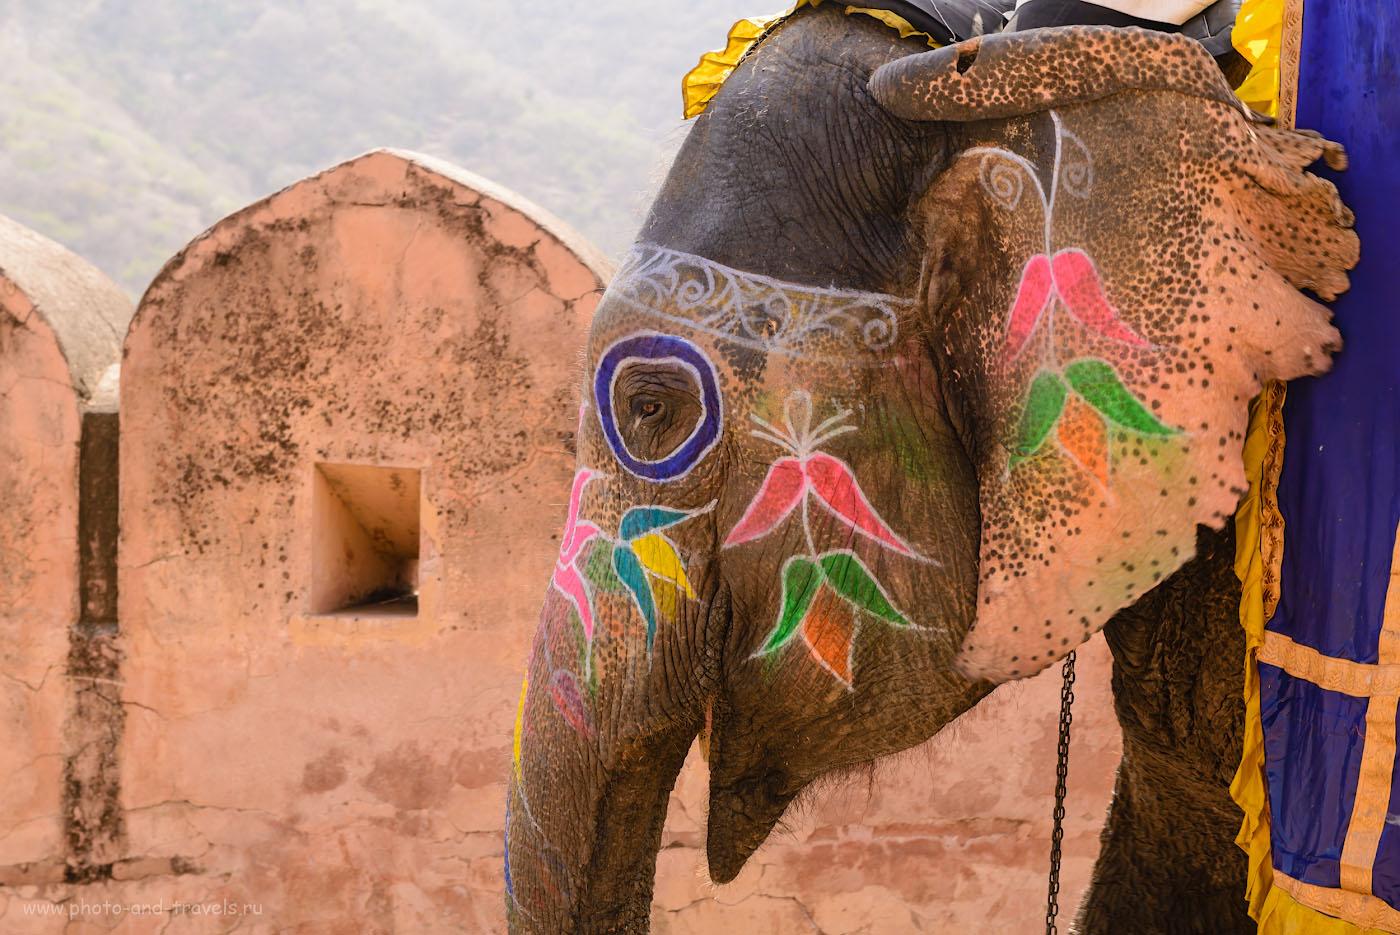 Фотография 6. Слышал сказку про белого слона, песню про розового, а вот, про цветного не слыхал… 1/160, 8.0, 250, 70.